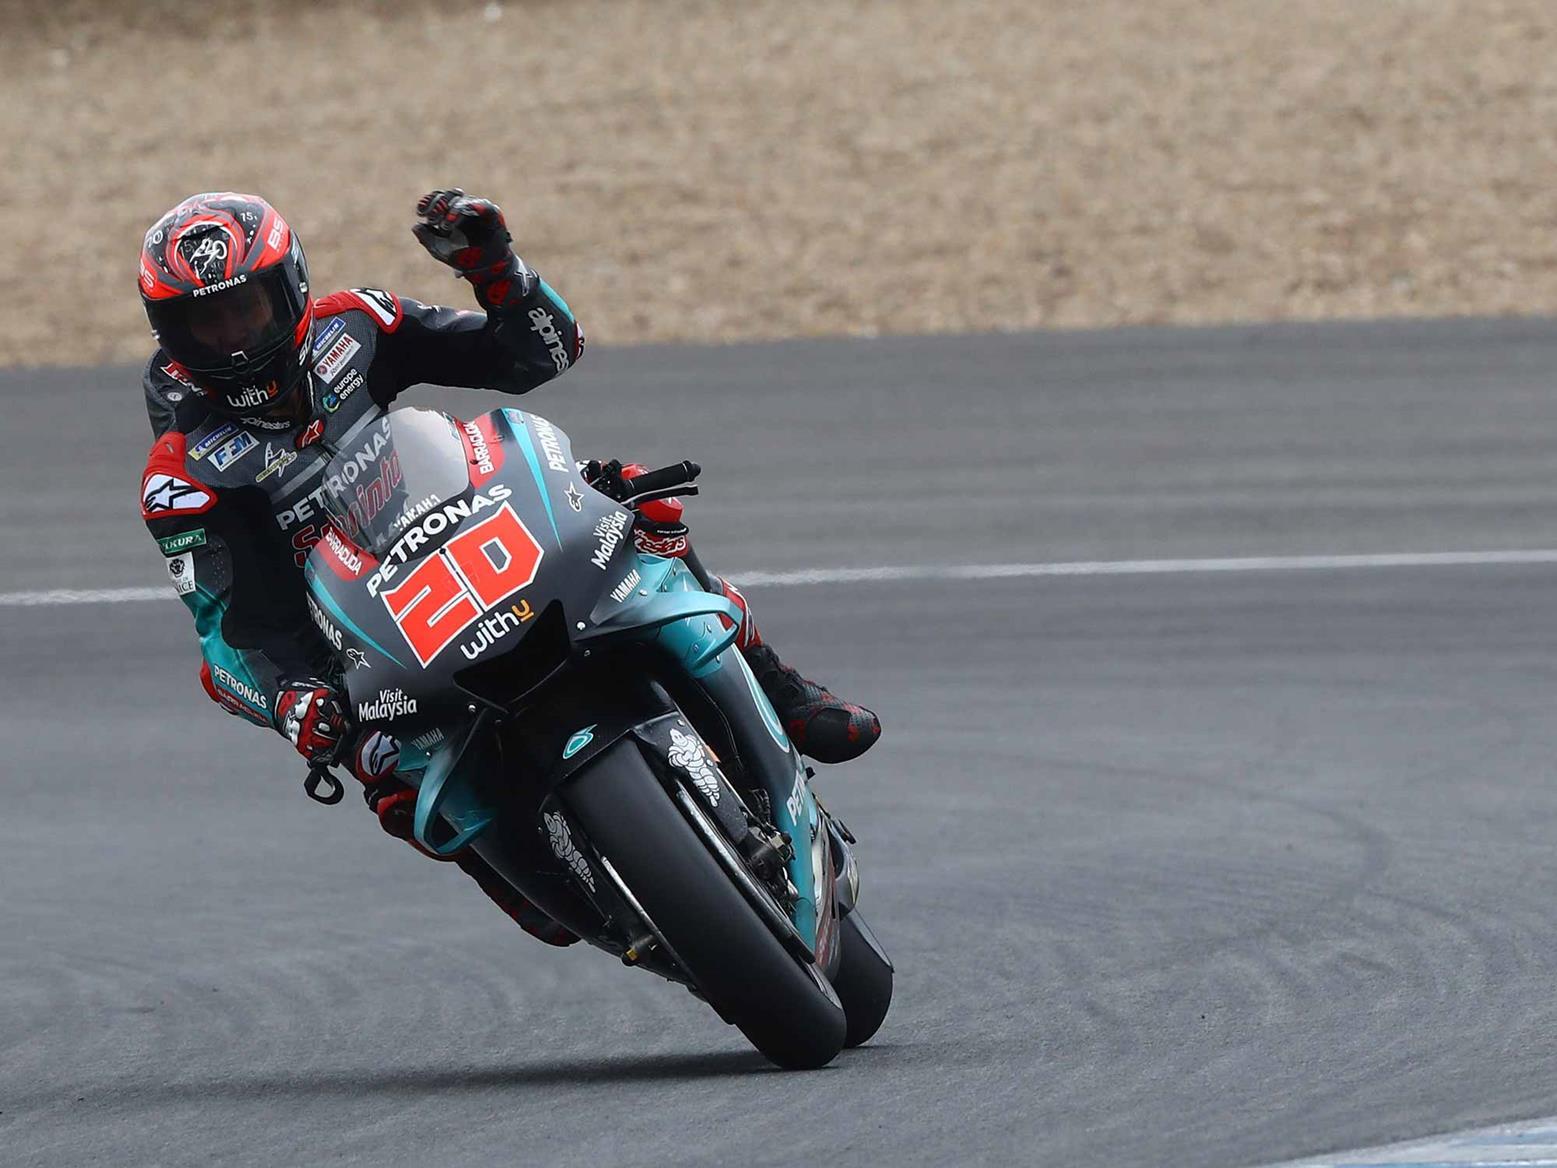 Fabio Quartararo to replace Valentino Rossi at Yamaha in 2021